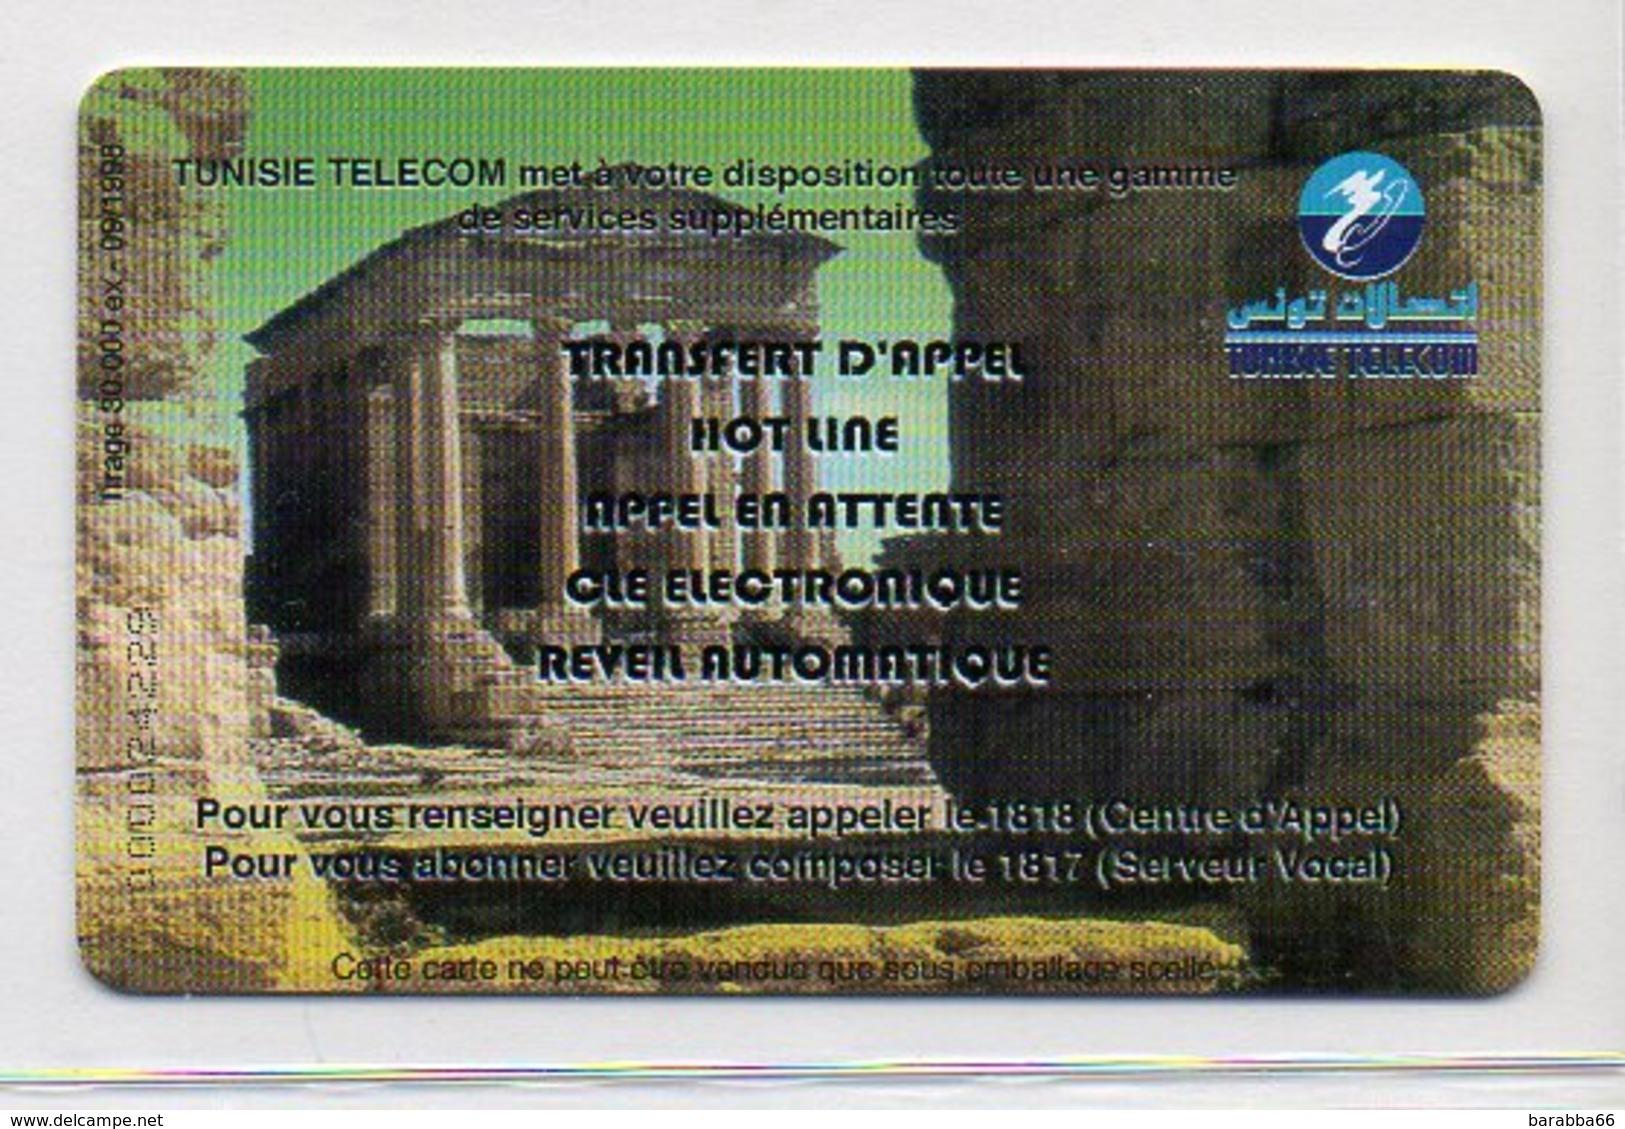 TUNISIE TELECOM - TELECARTE 25 - Tunisie